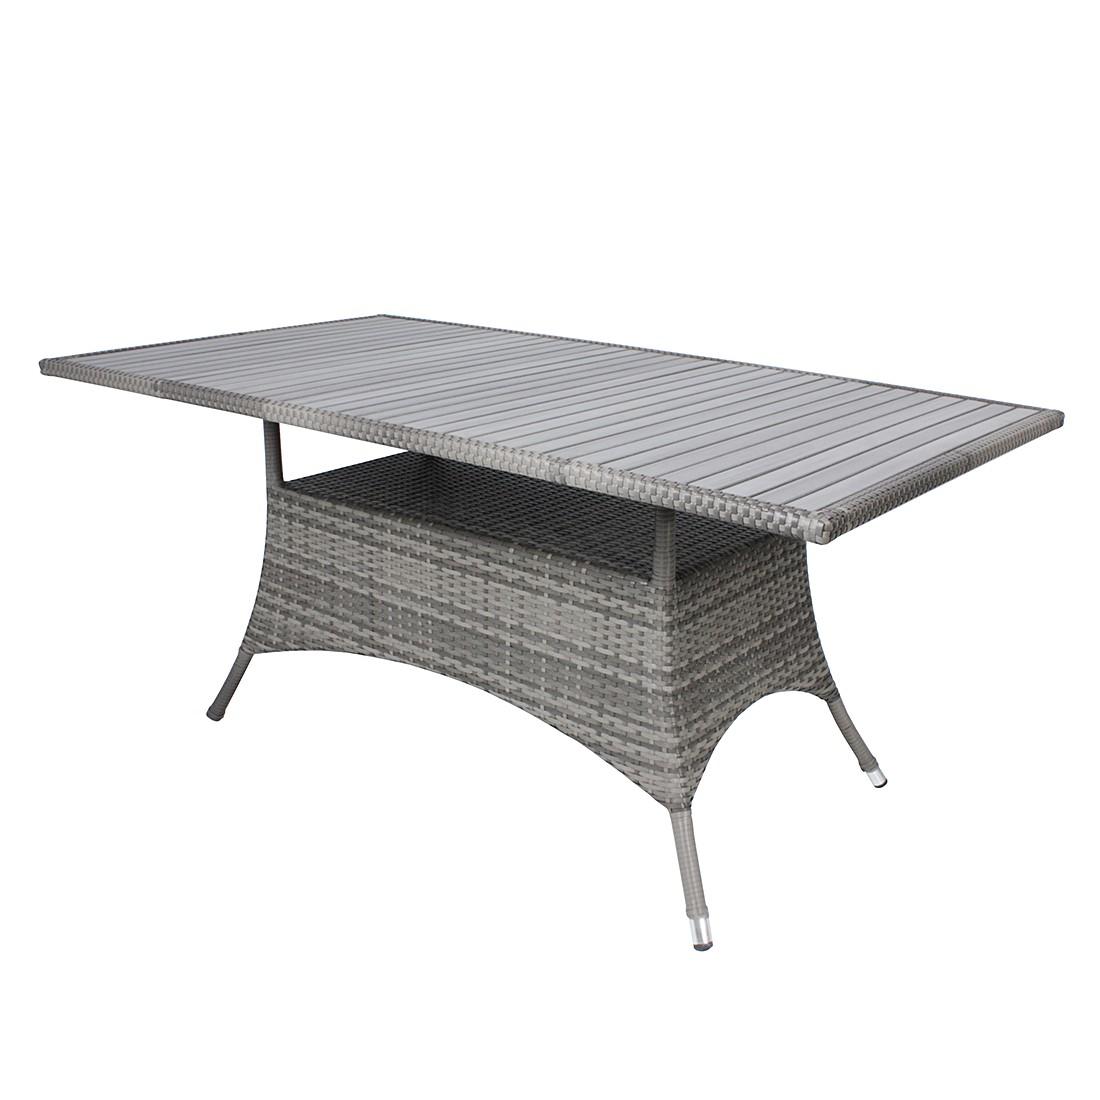 Polyrattan Tisch Grau : tisch tuin polyrattan grau garden pleasure online bestellen ~ Indierocktalk.com Haus und Dekorationen